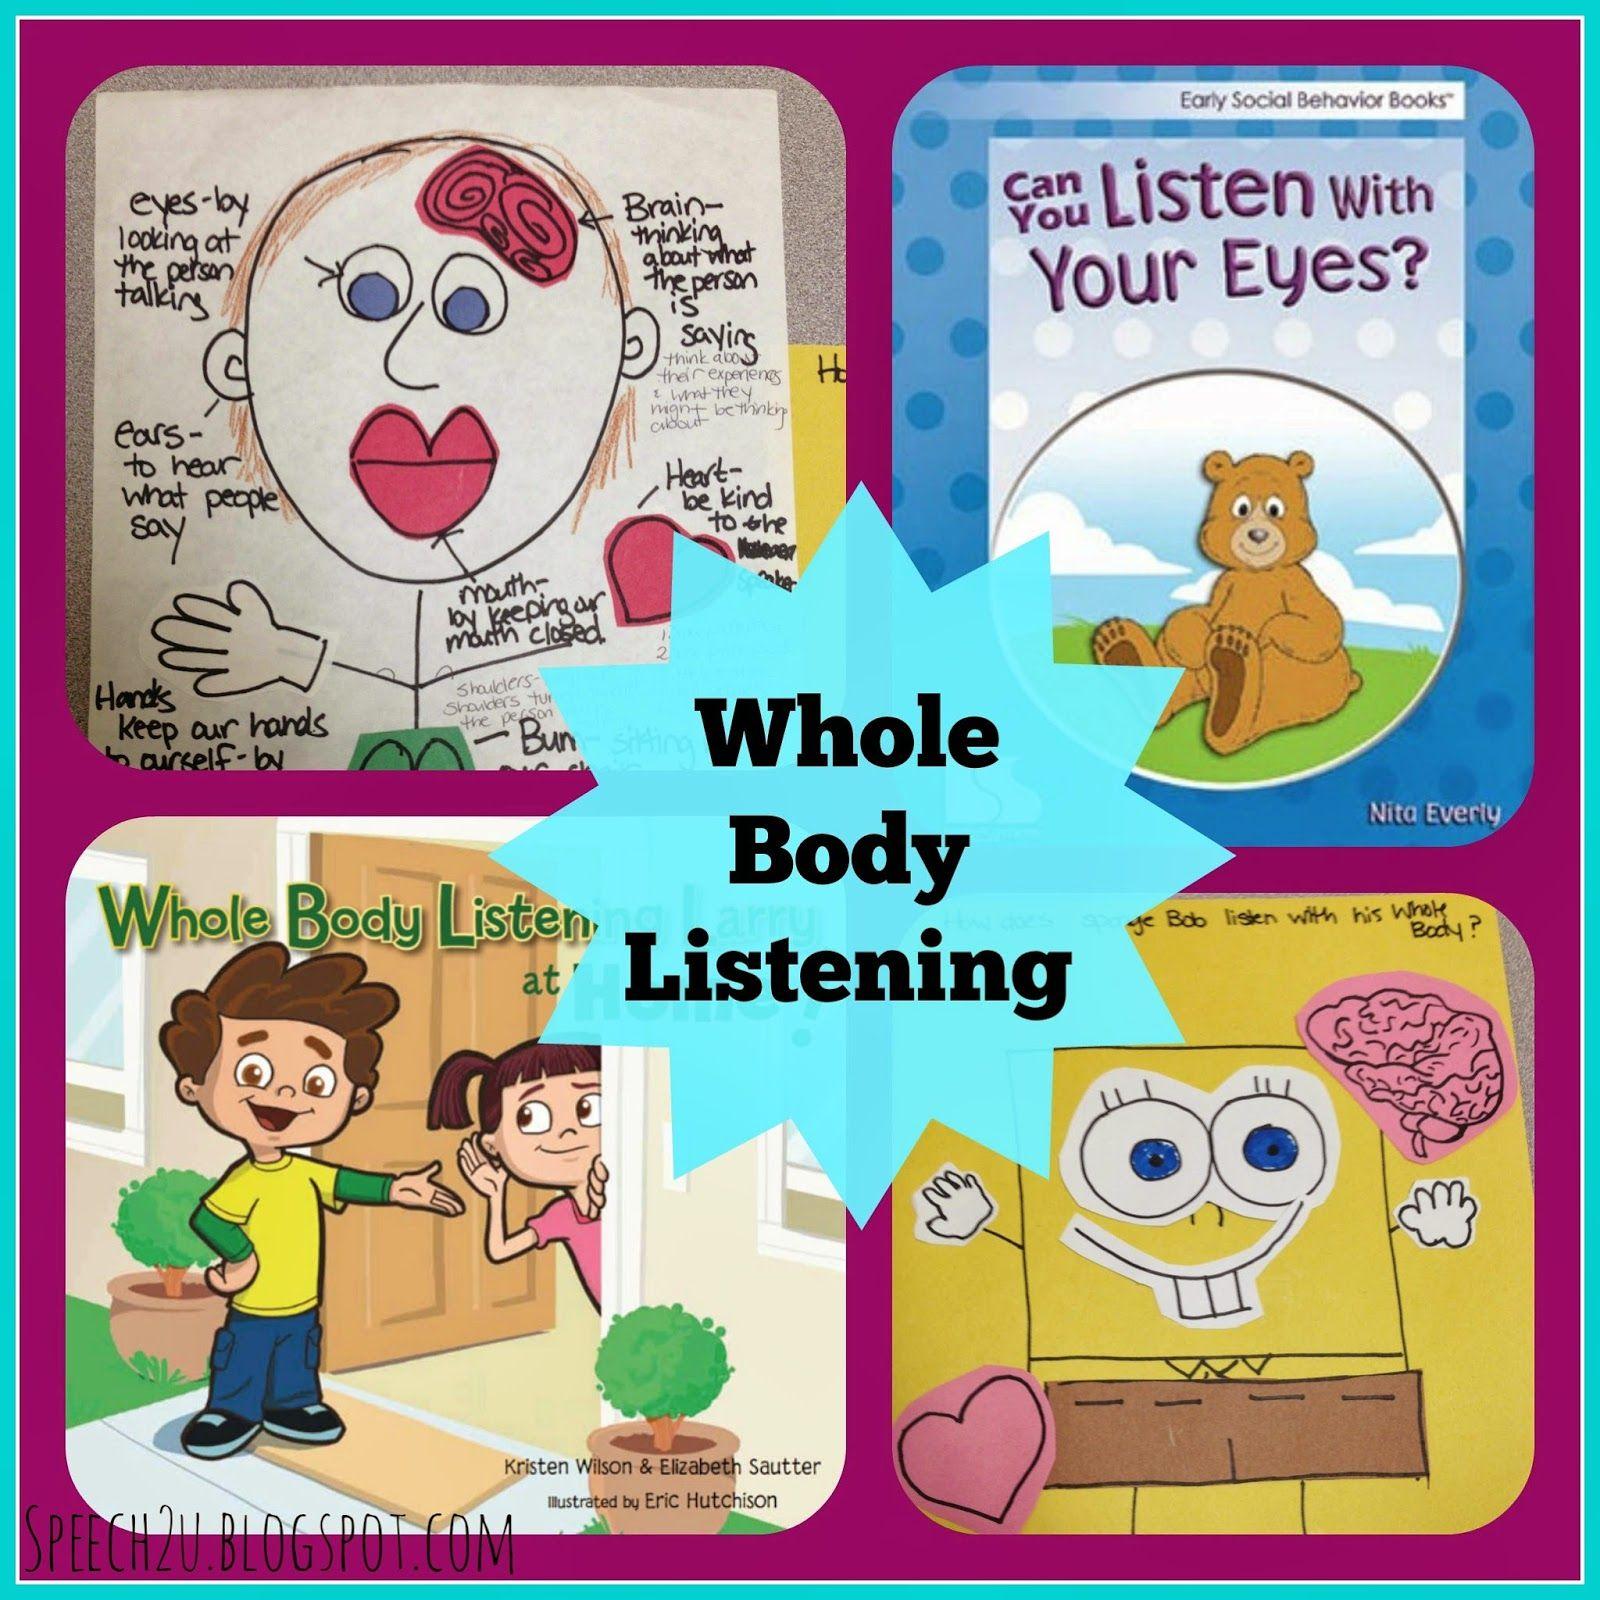 Whole Body Listening Sponge Bob Style Speech 2u